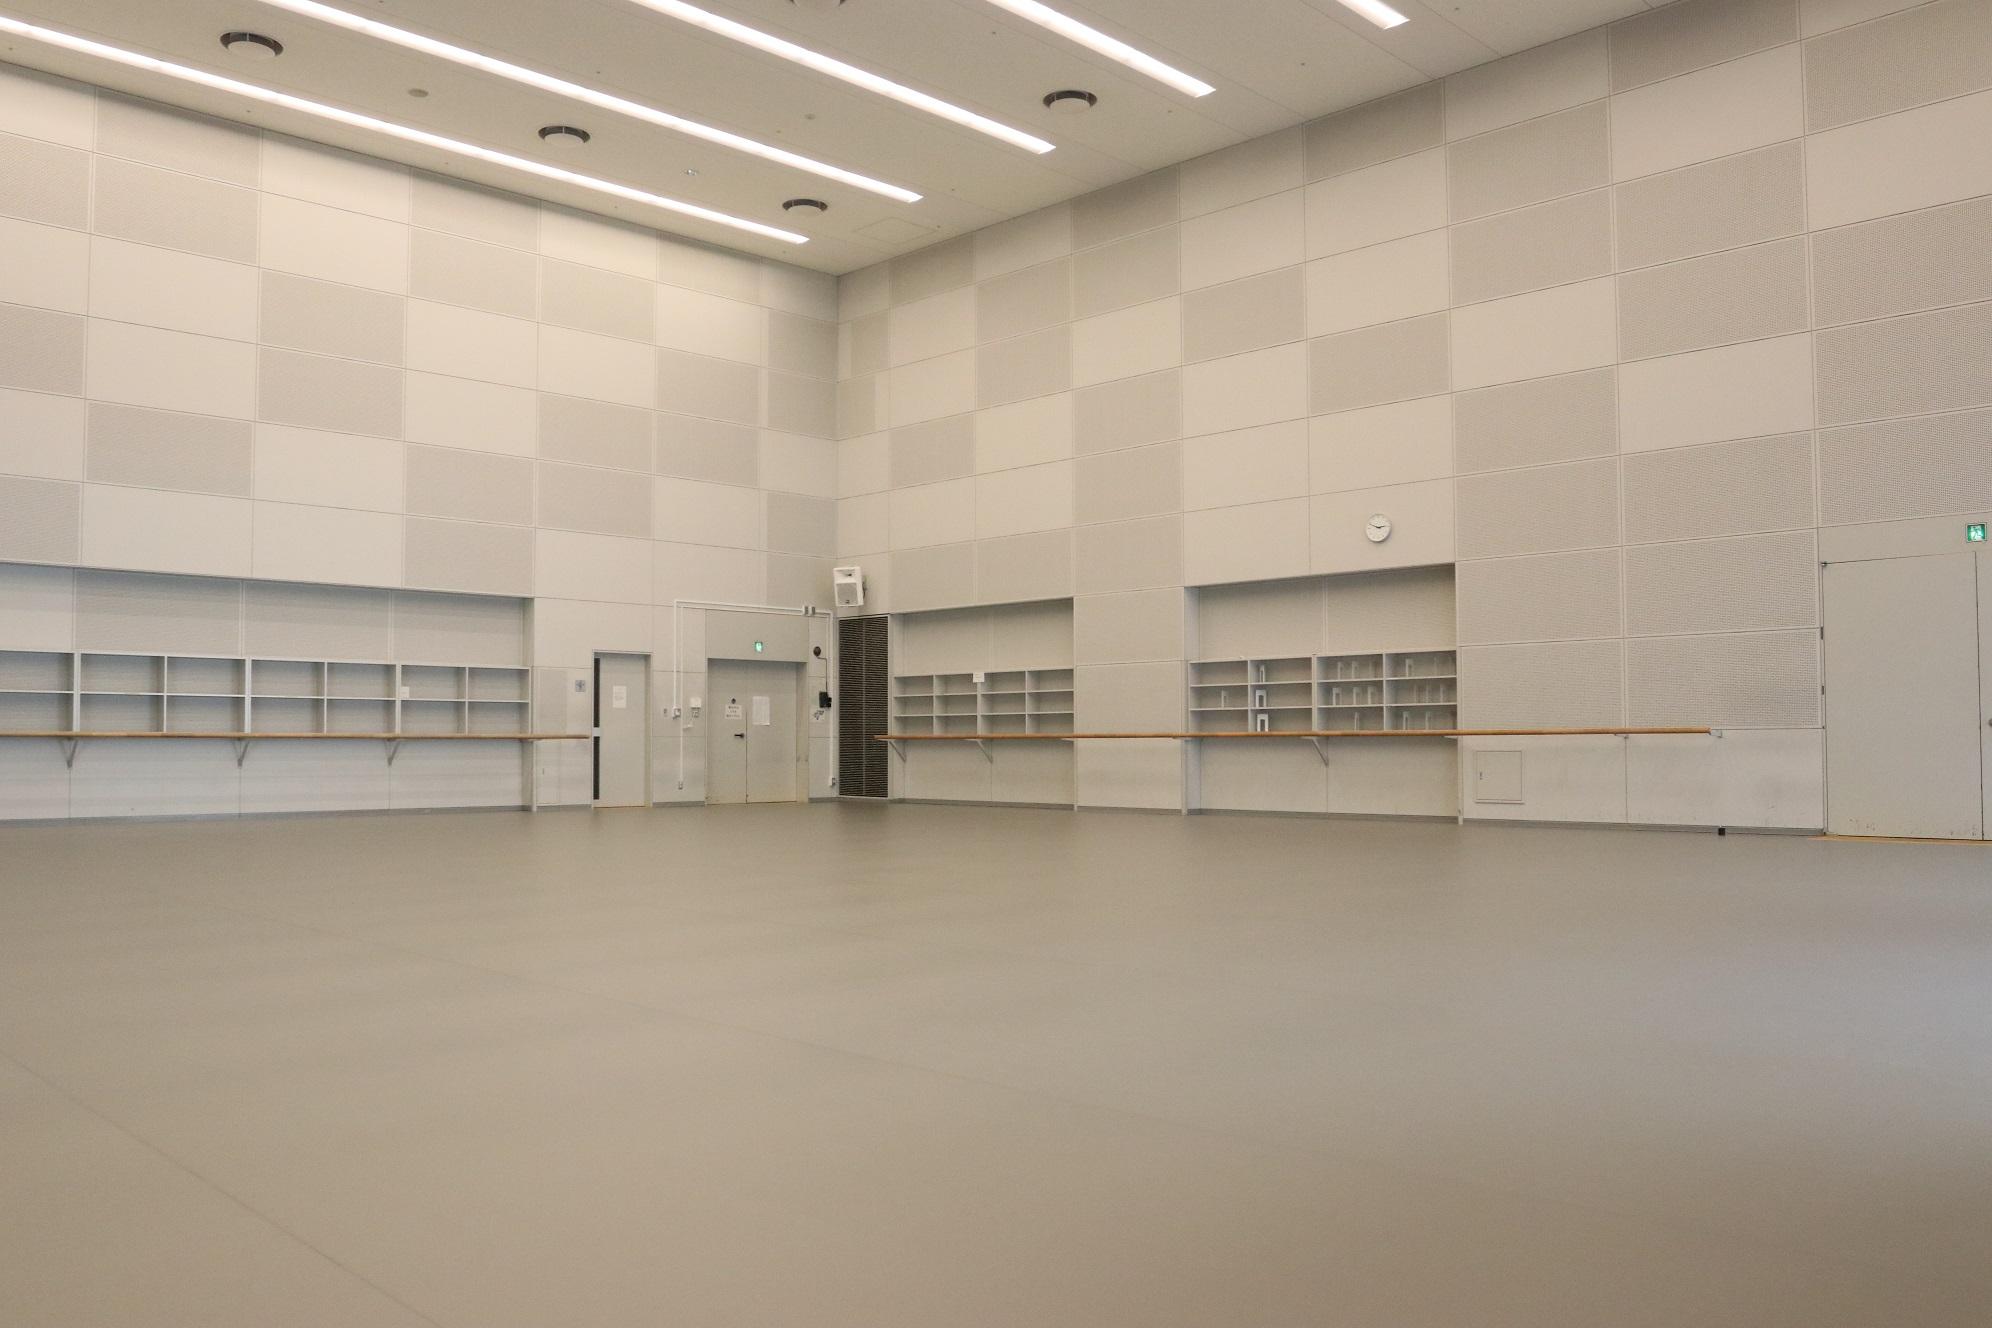 バレエリハーサル室・Bリハーサル室